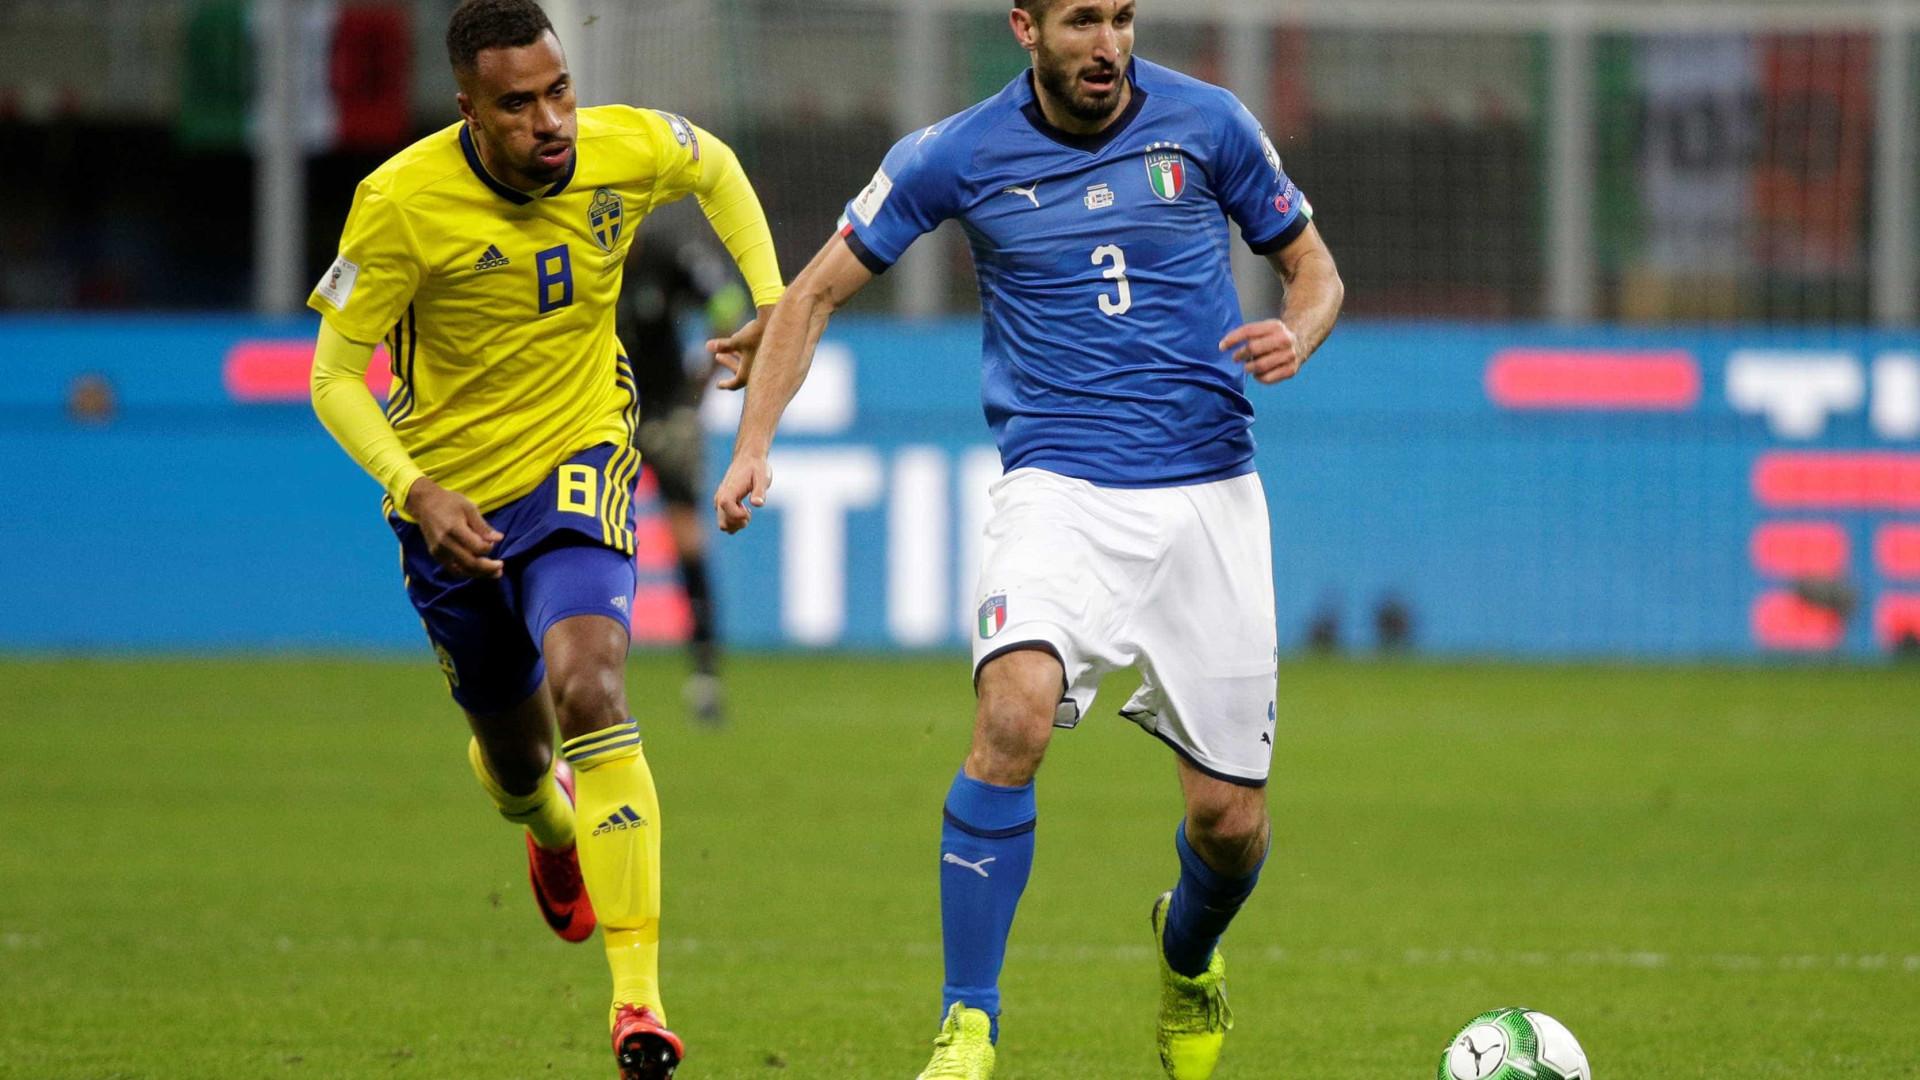 Itália está fora da Copa do Mundo de 2018